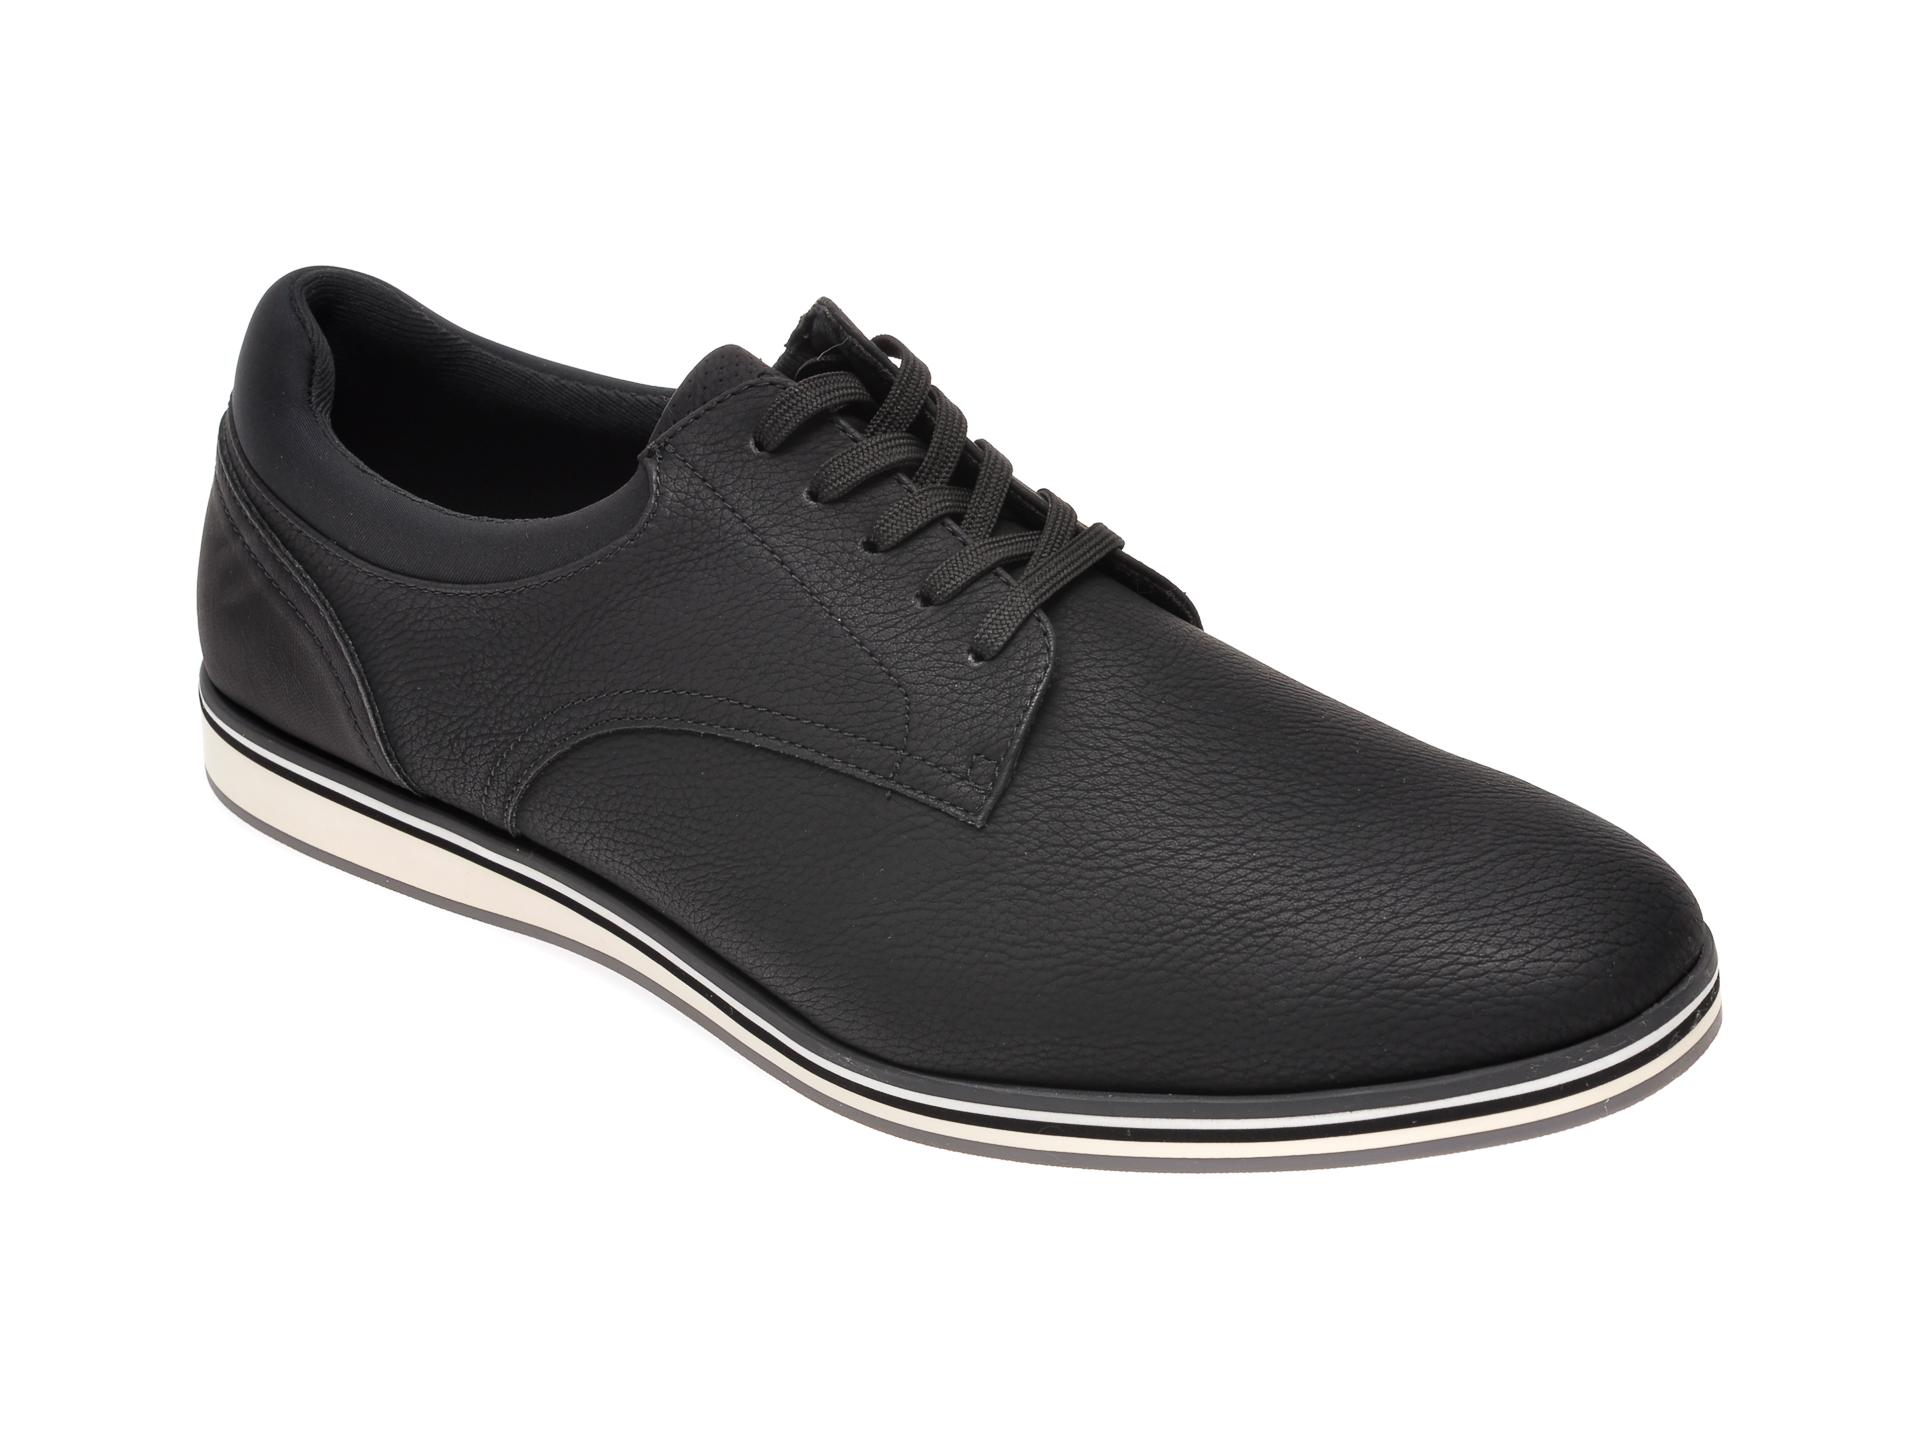 Pantofi ALDO negri, Cycia001, din piele ecologica imagine